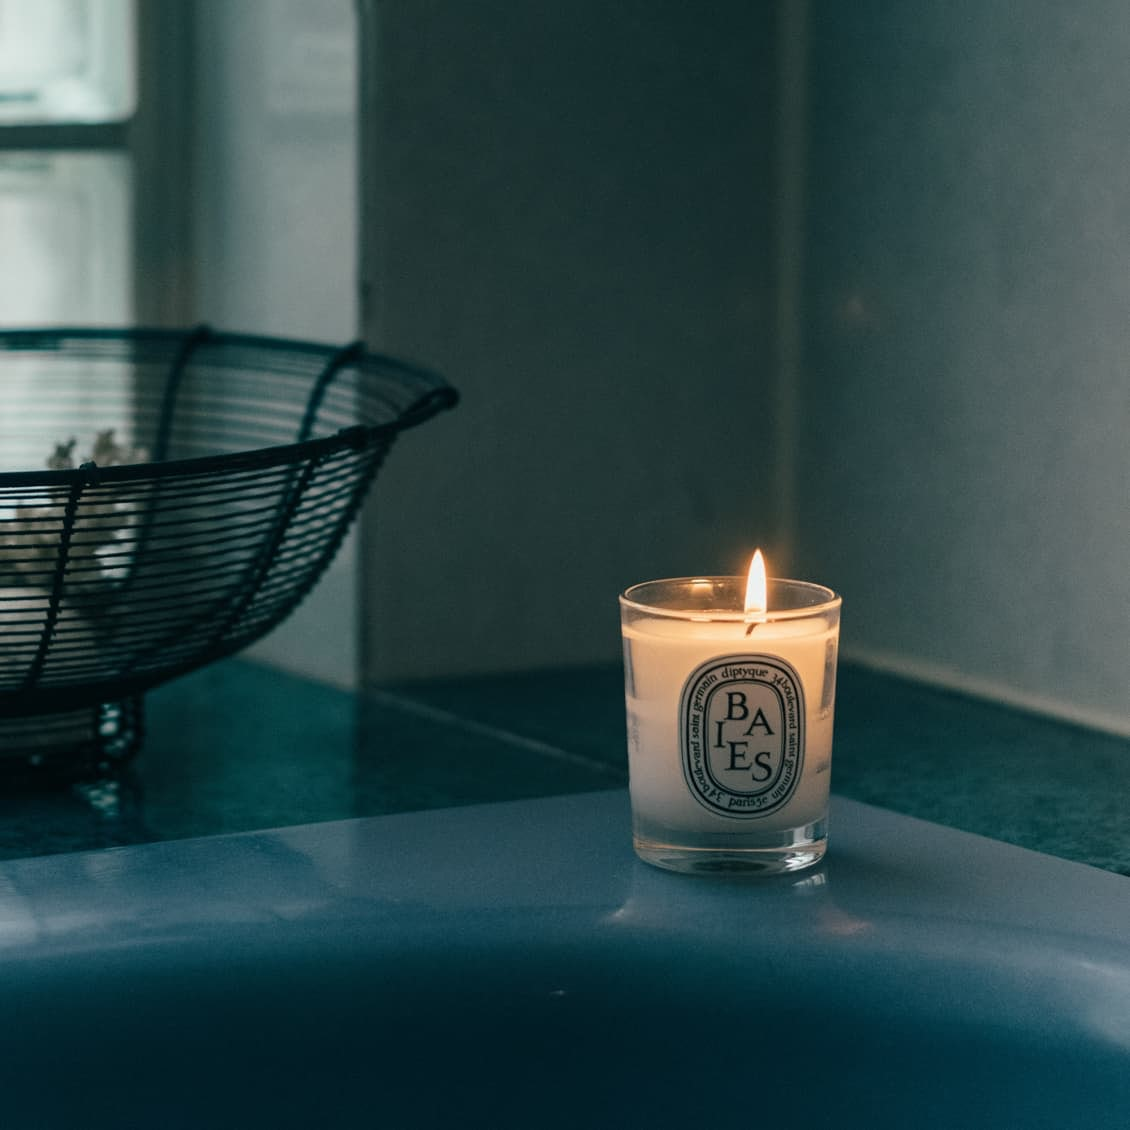 【とっておきの休日を過ごすなら】第3話:家にいながら「非日常」を楽しむ、ちょっと贅沢なセルフケア